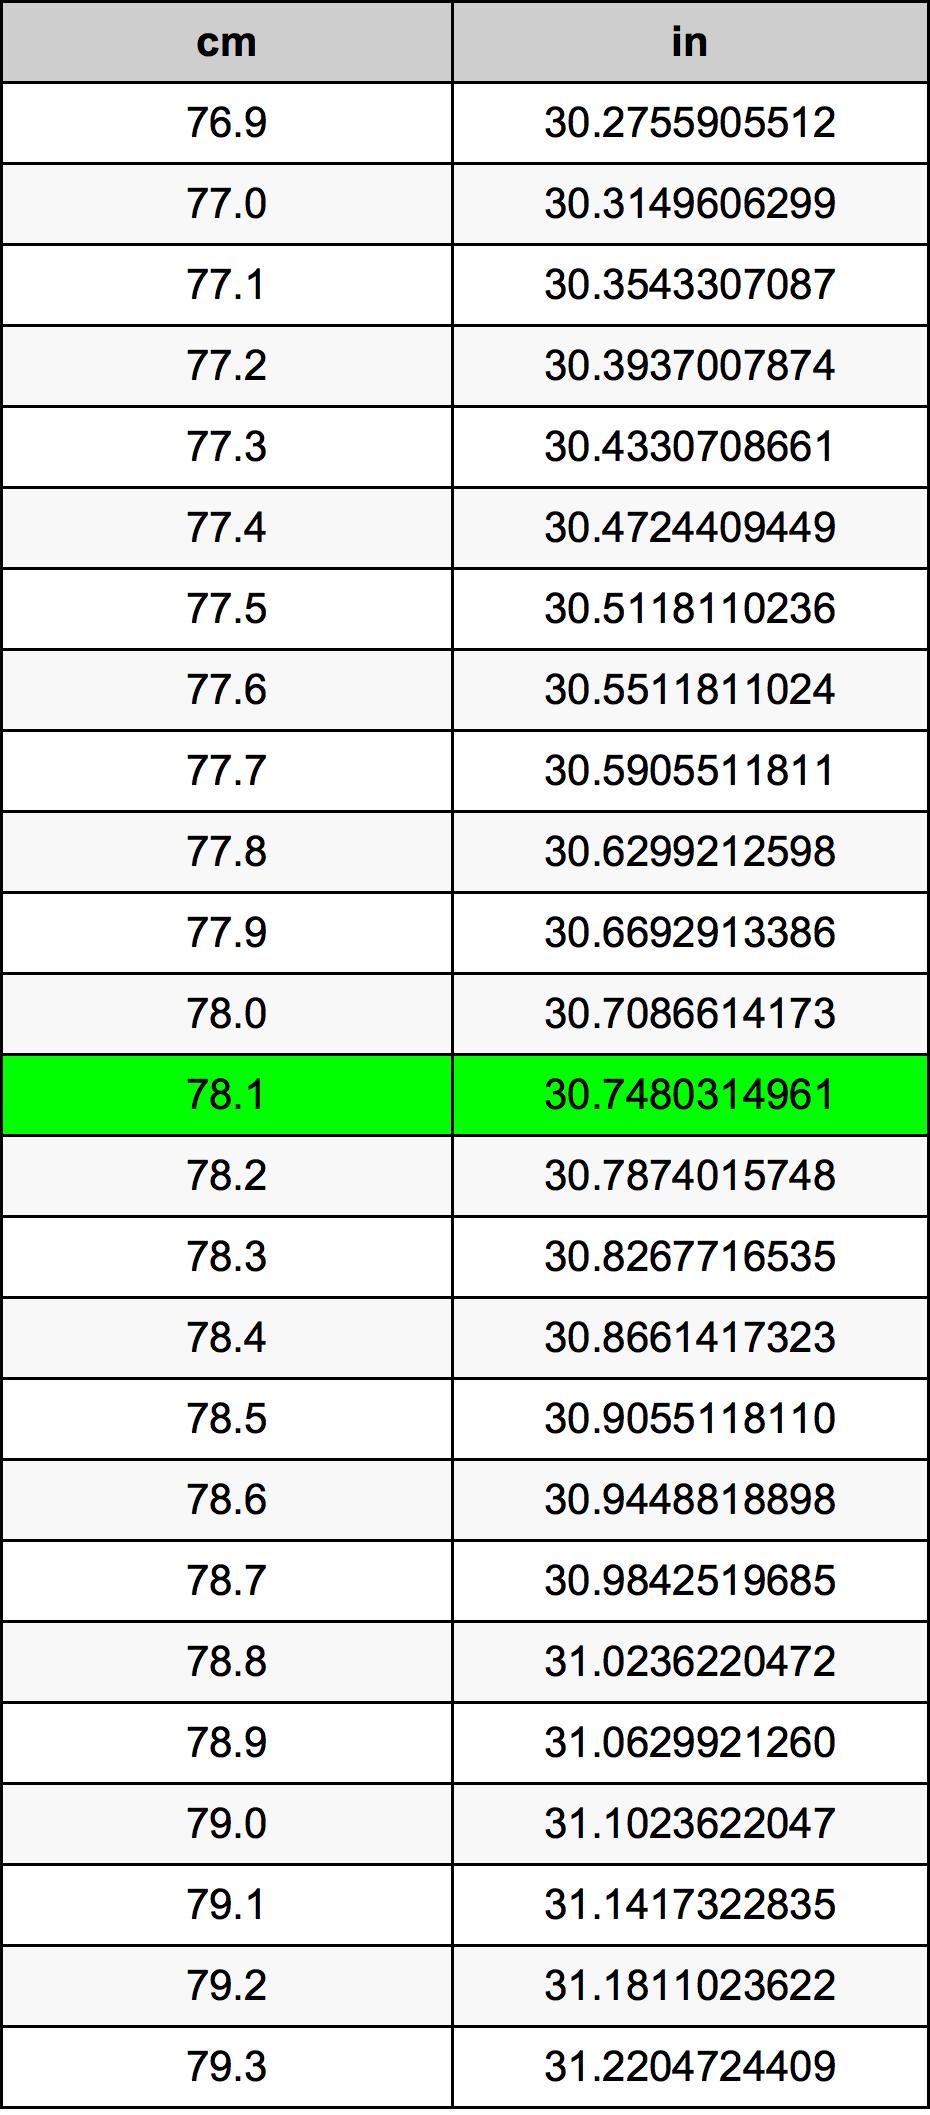 78.1厘米換算表